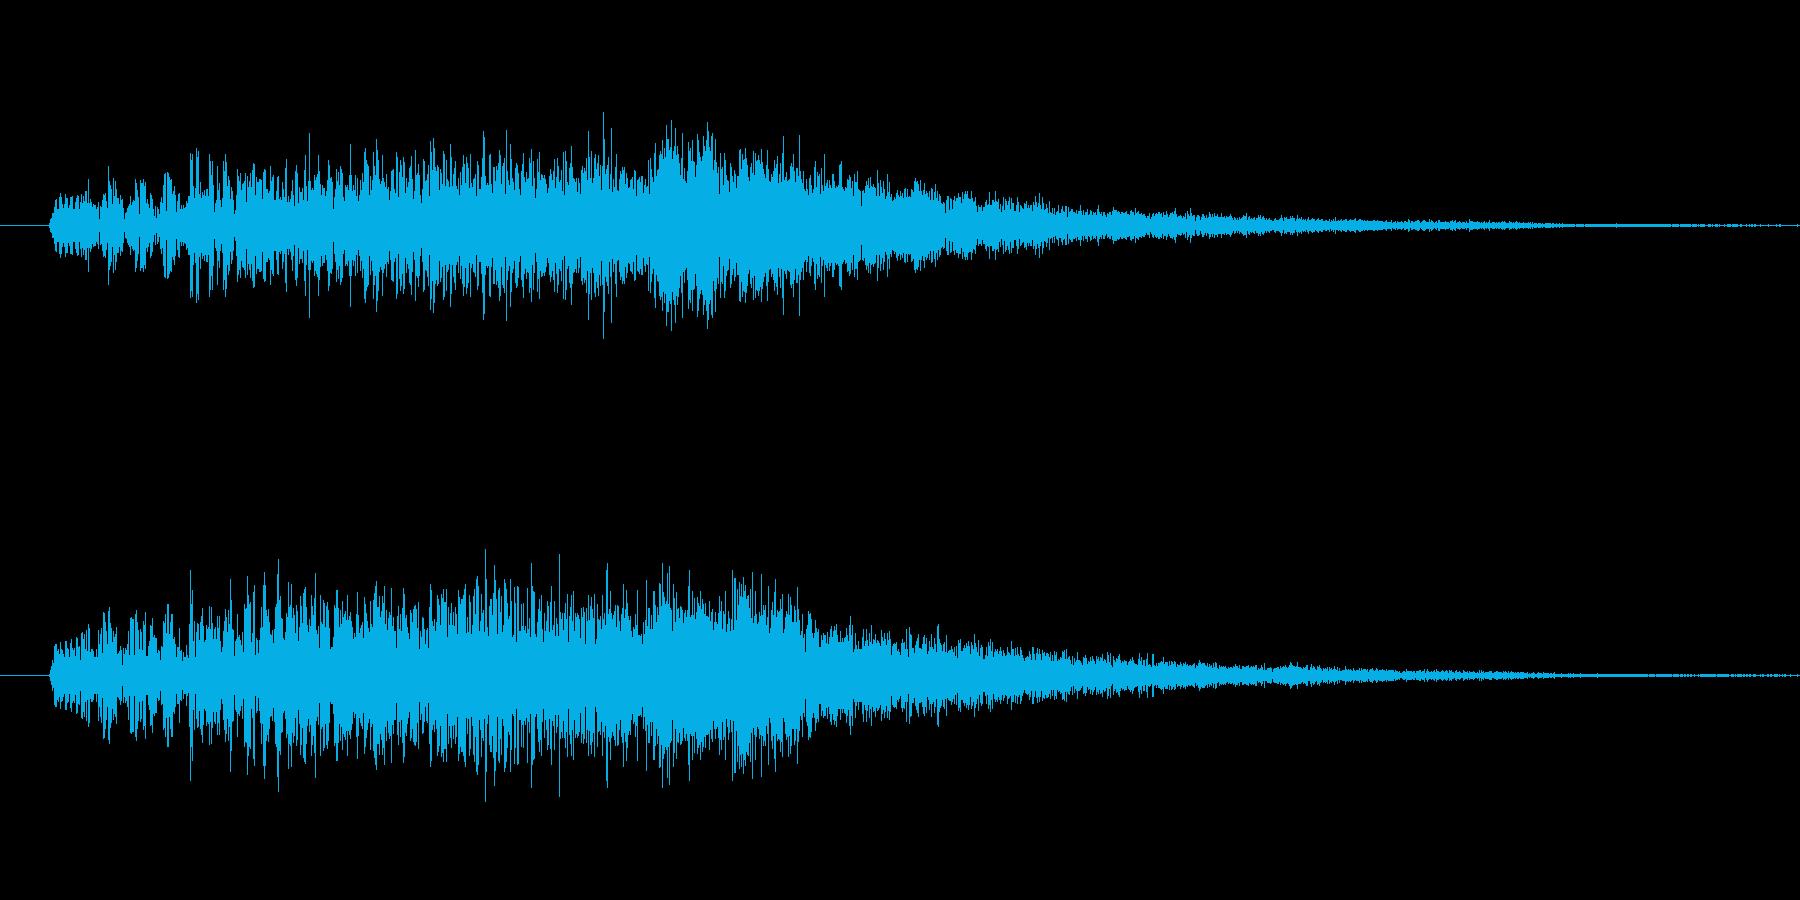 ドゥルルルルルルリン の再生済みの波形